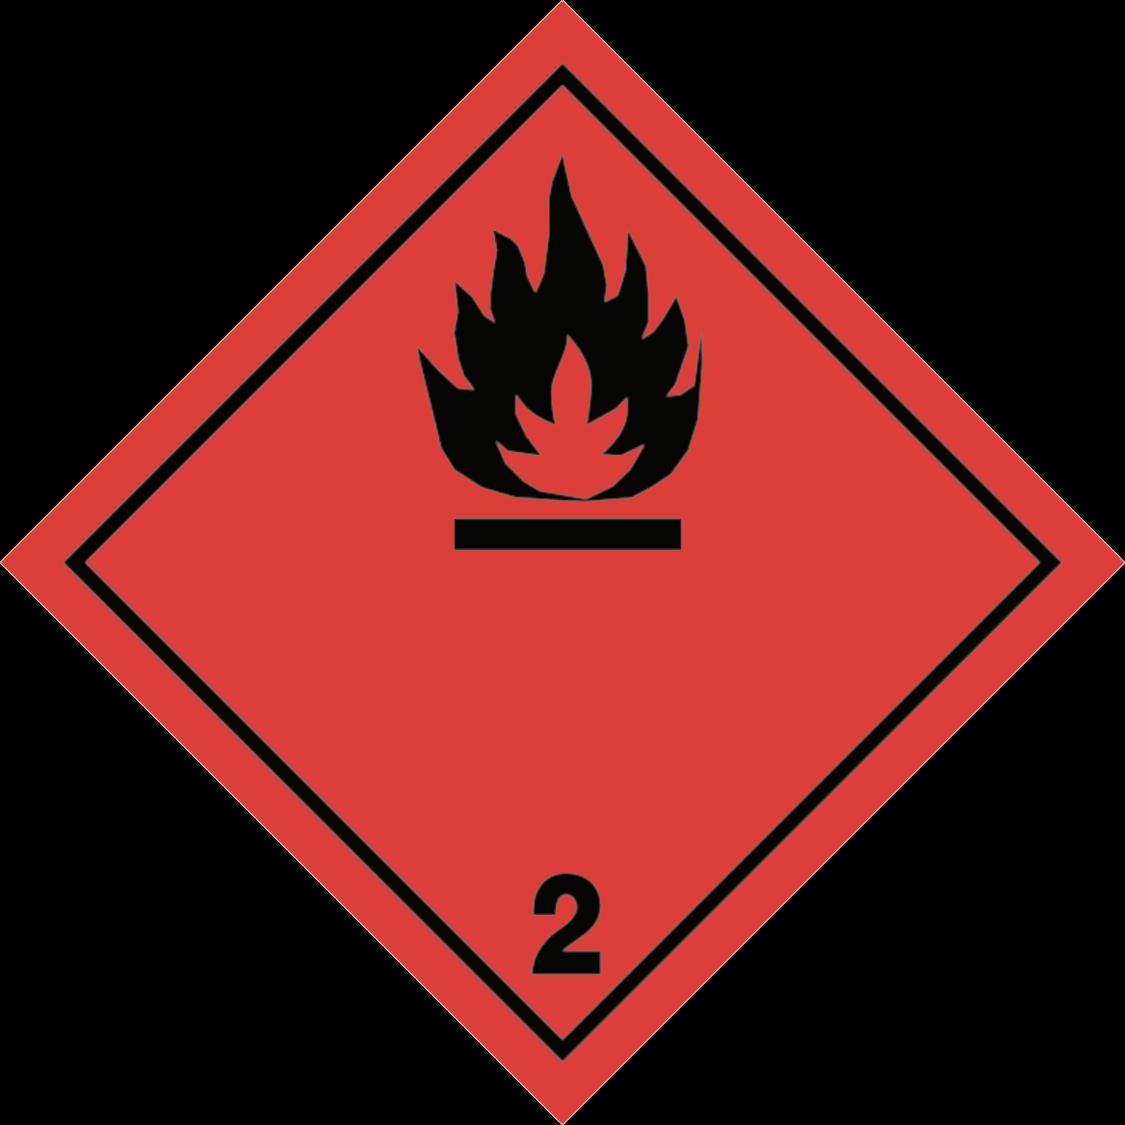 kergestisüttivate gaaside märgis